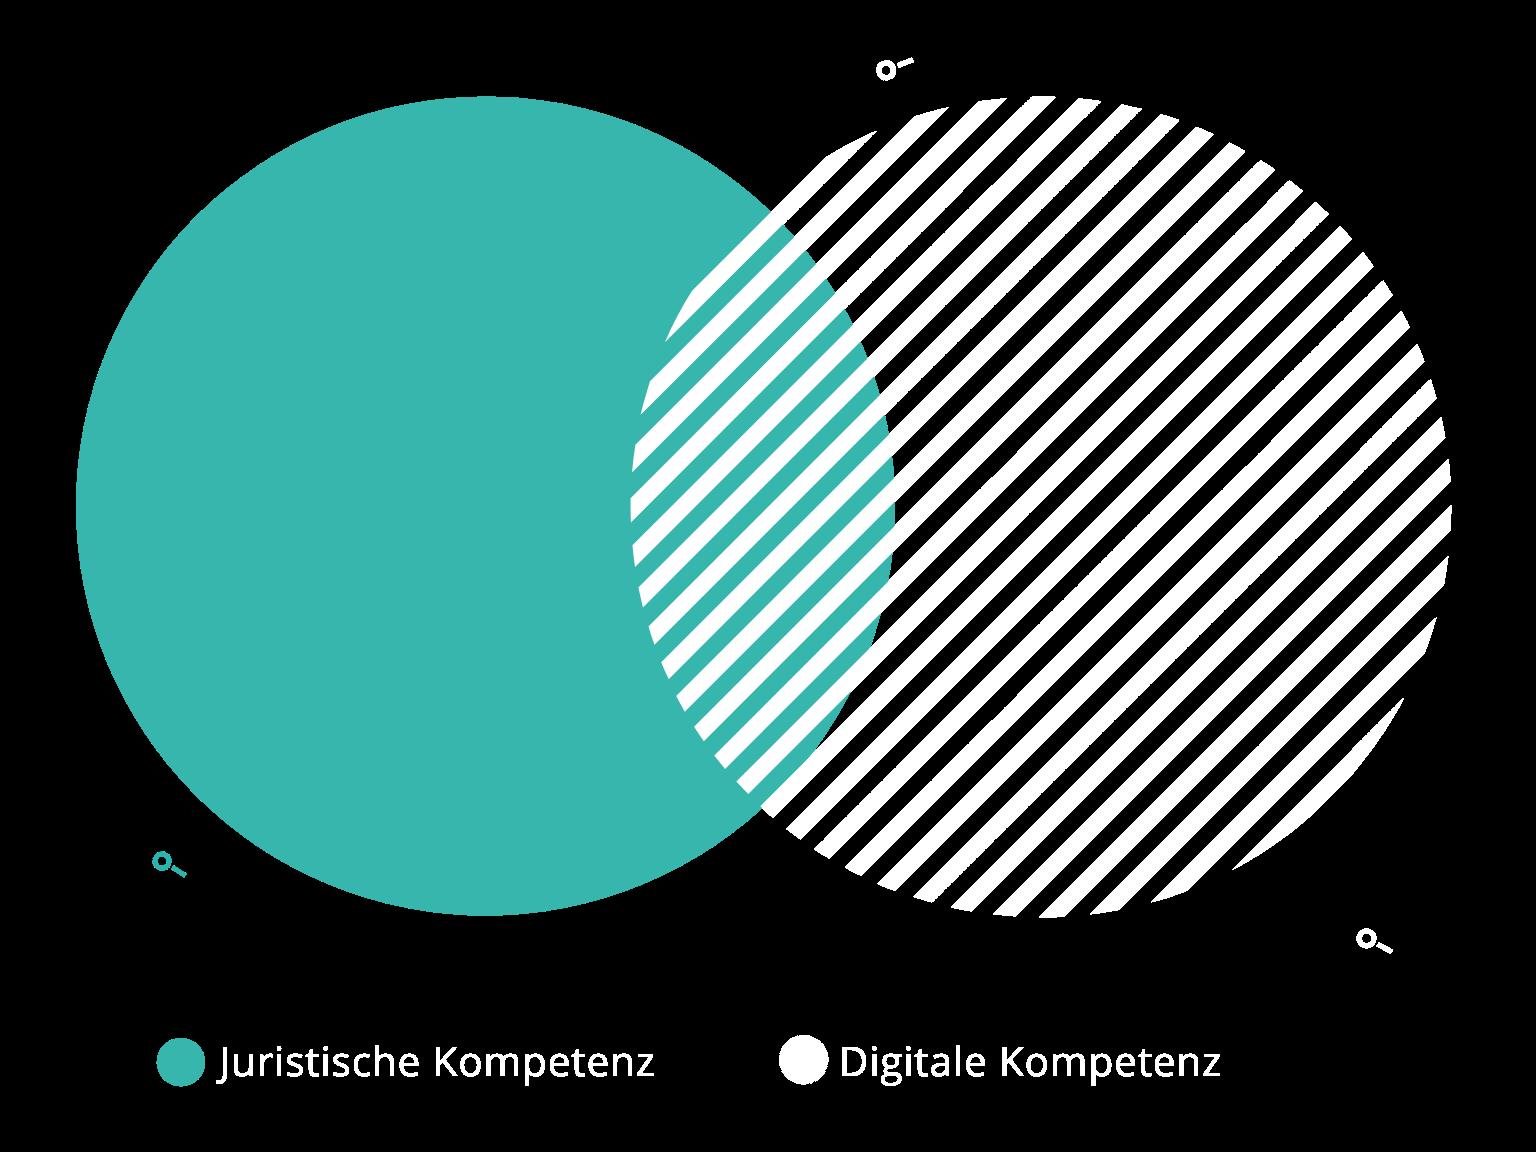 Datenschutz Kompetenz Keyed